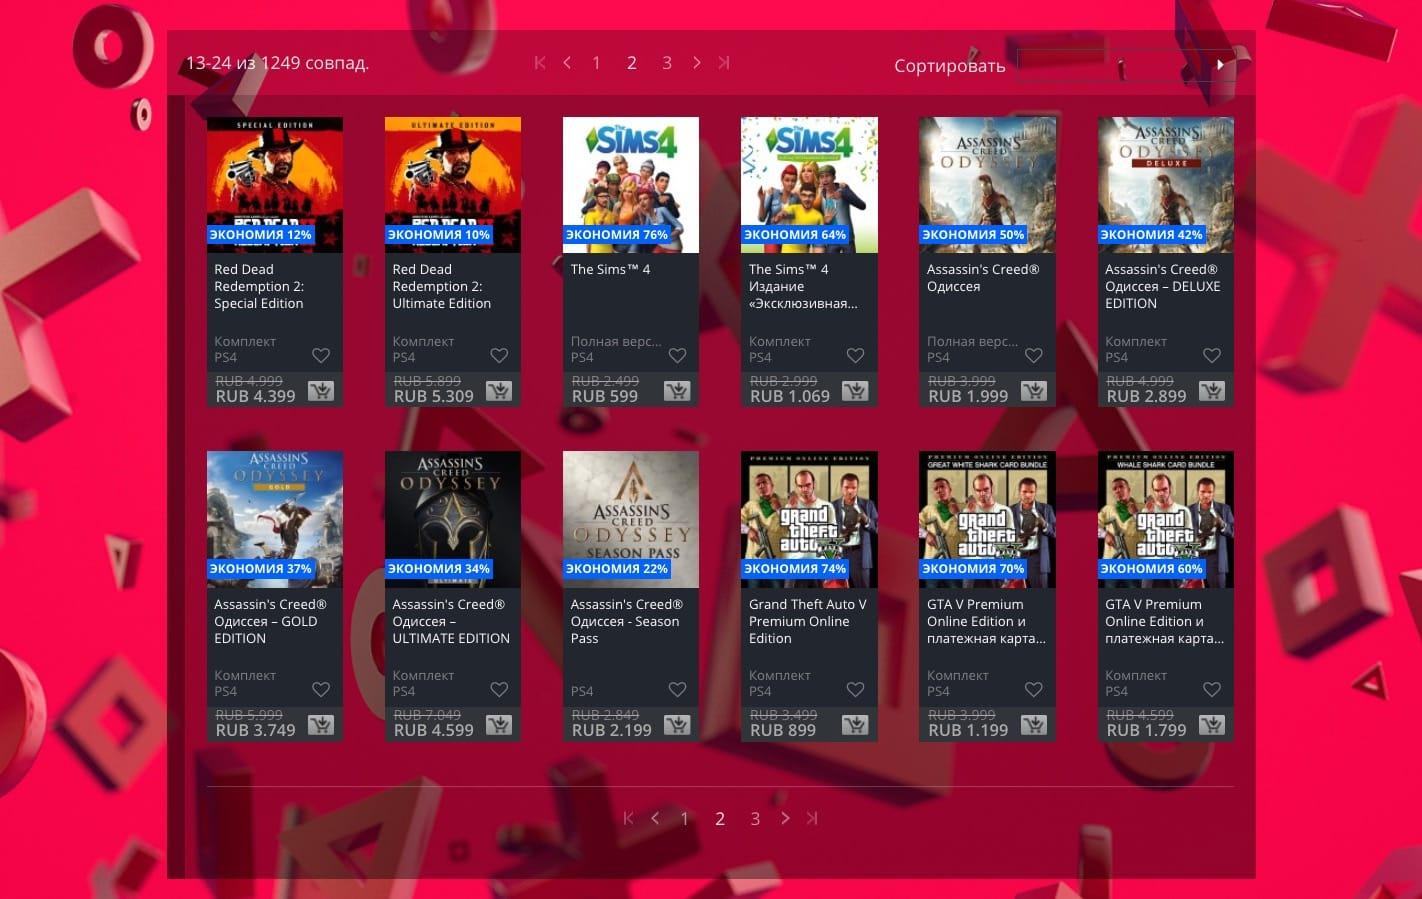 Sony на 90% снизила цены на лучшие игры для PlayStation 4 в честь новогодней распродажи